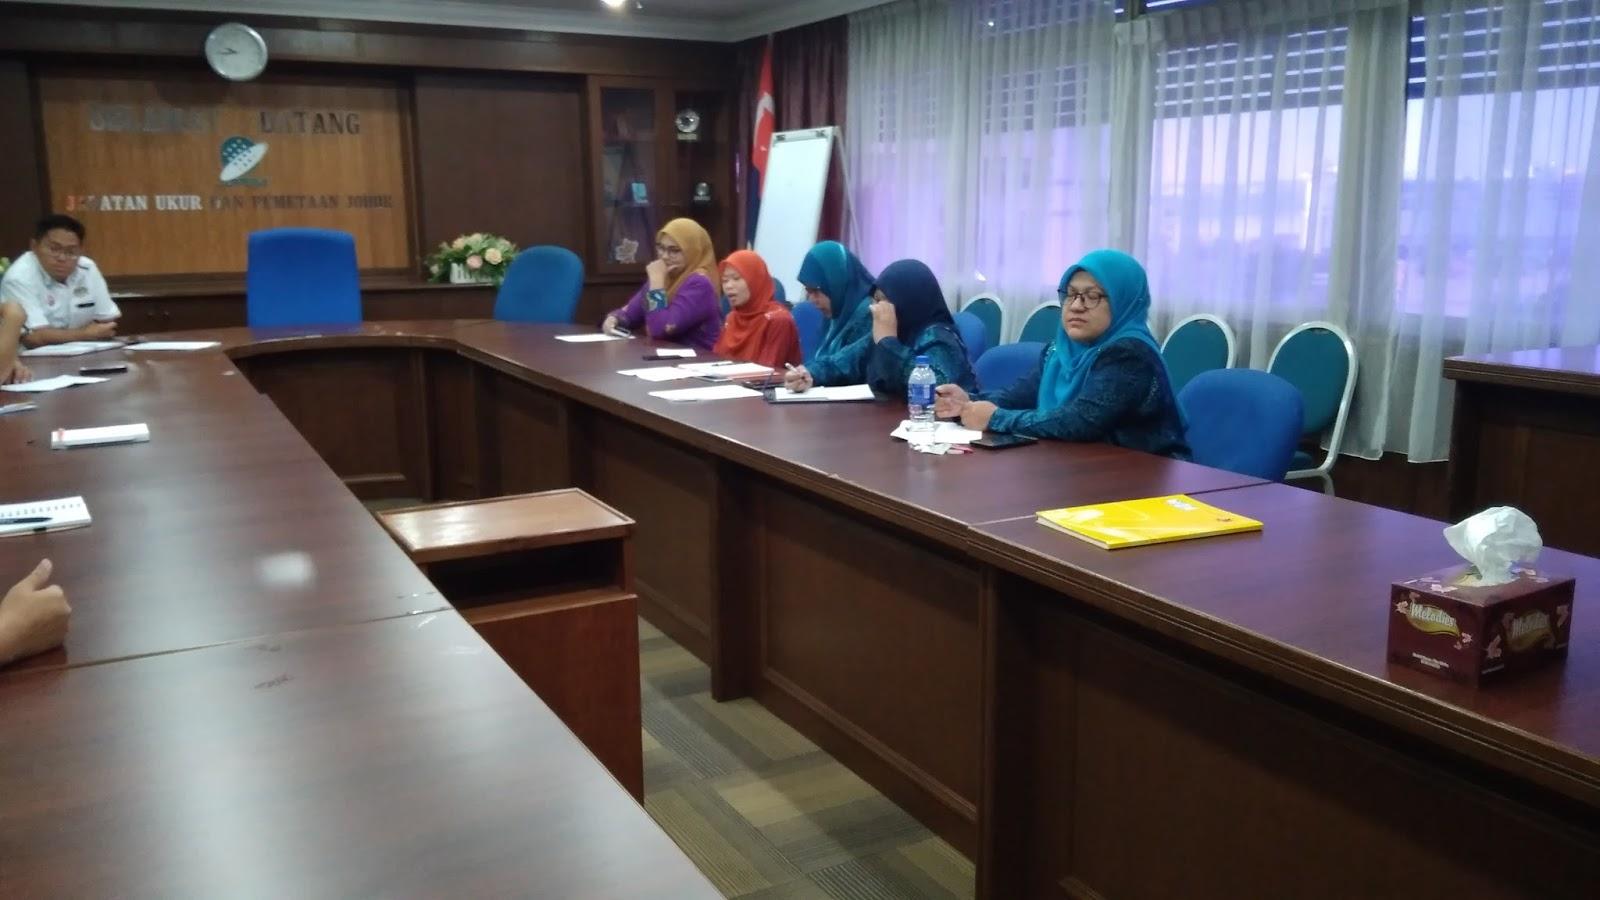 Laman Rasmi Kelab Sukan Dan Kebajikan Ukur Johor Kskjujh Mesyuarat Sukan Dalaman Jabatan Ukur Dan Pemetaan Johor